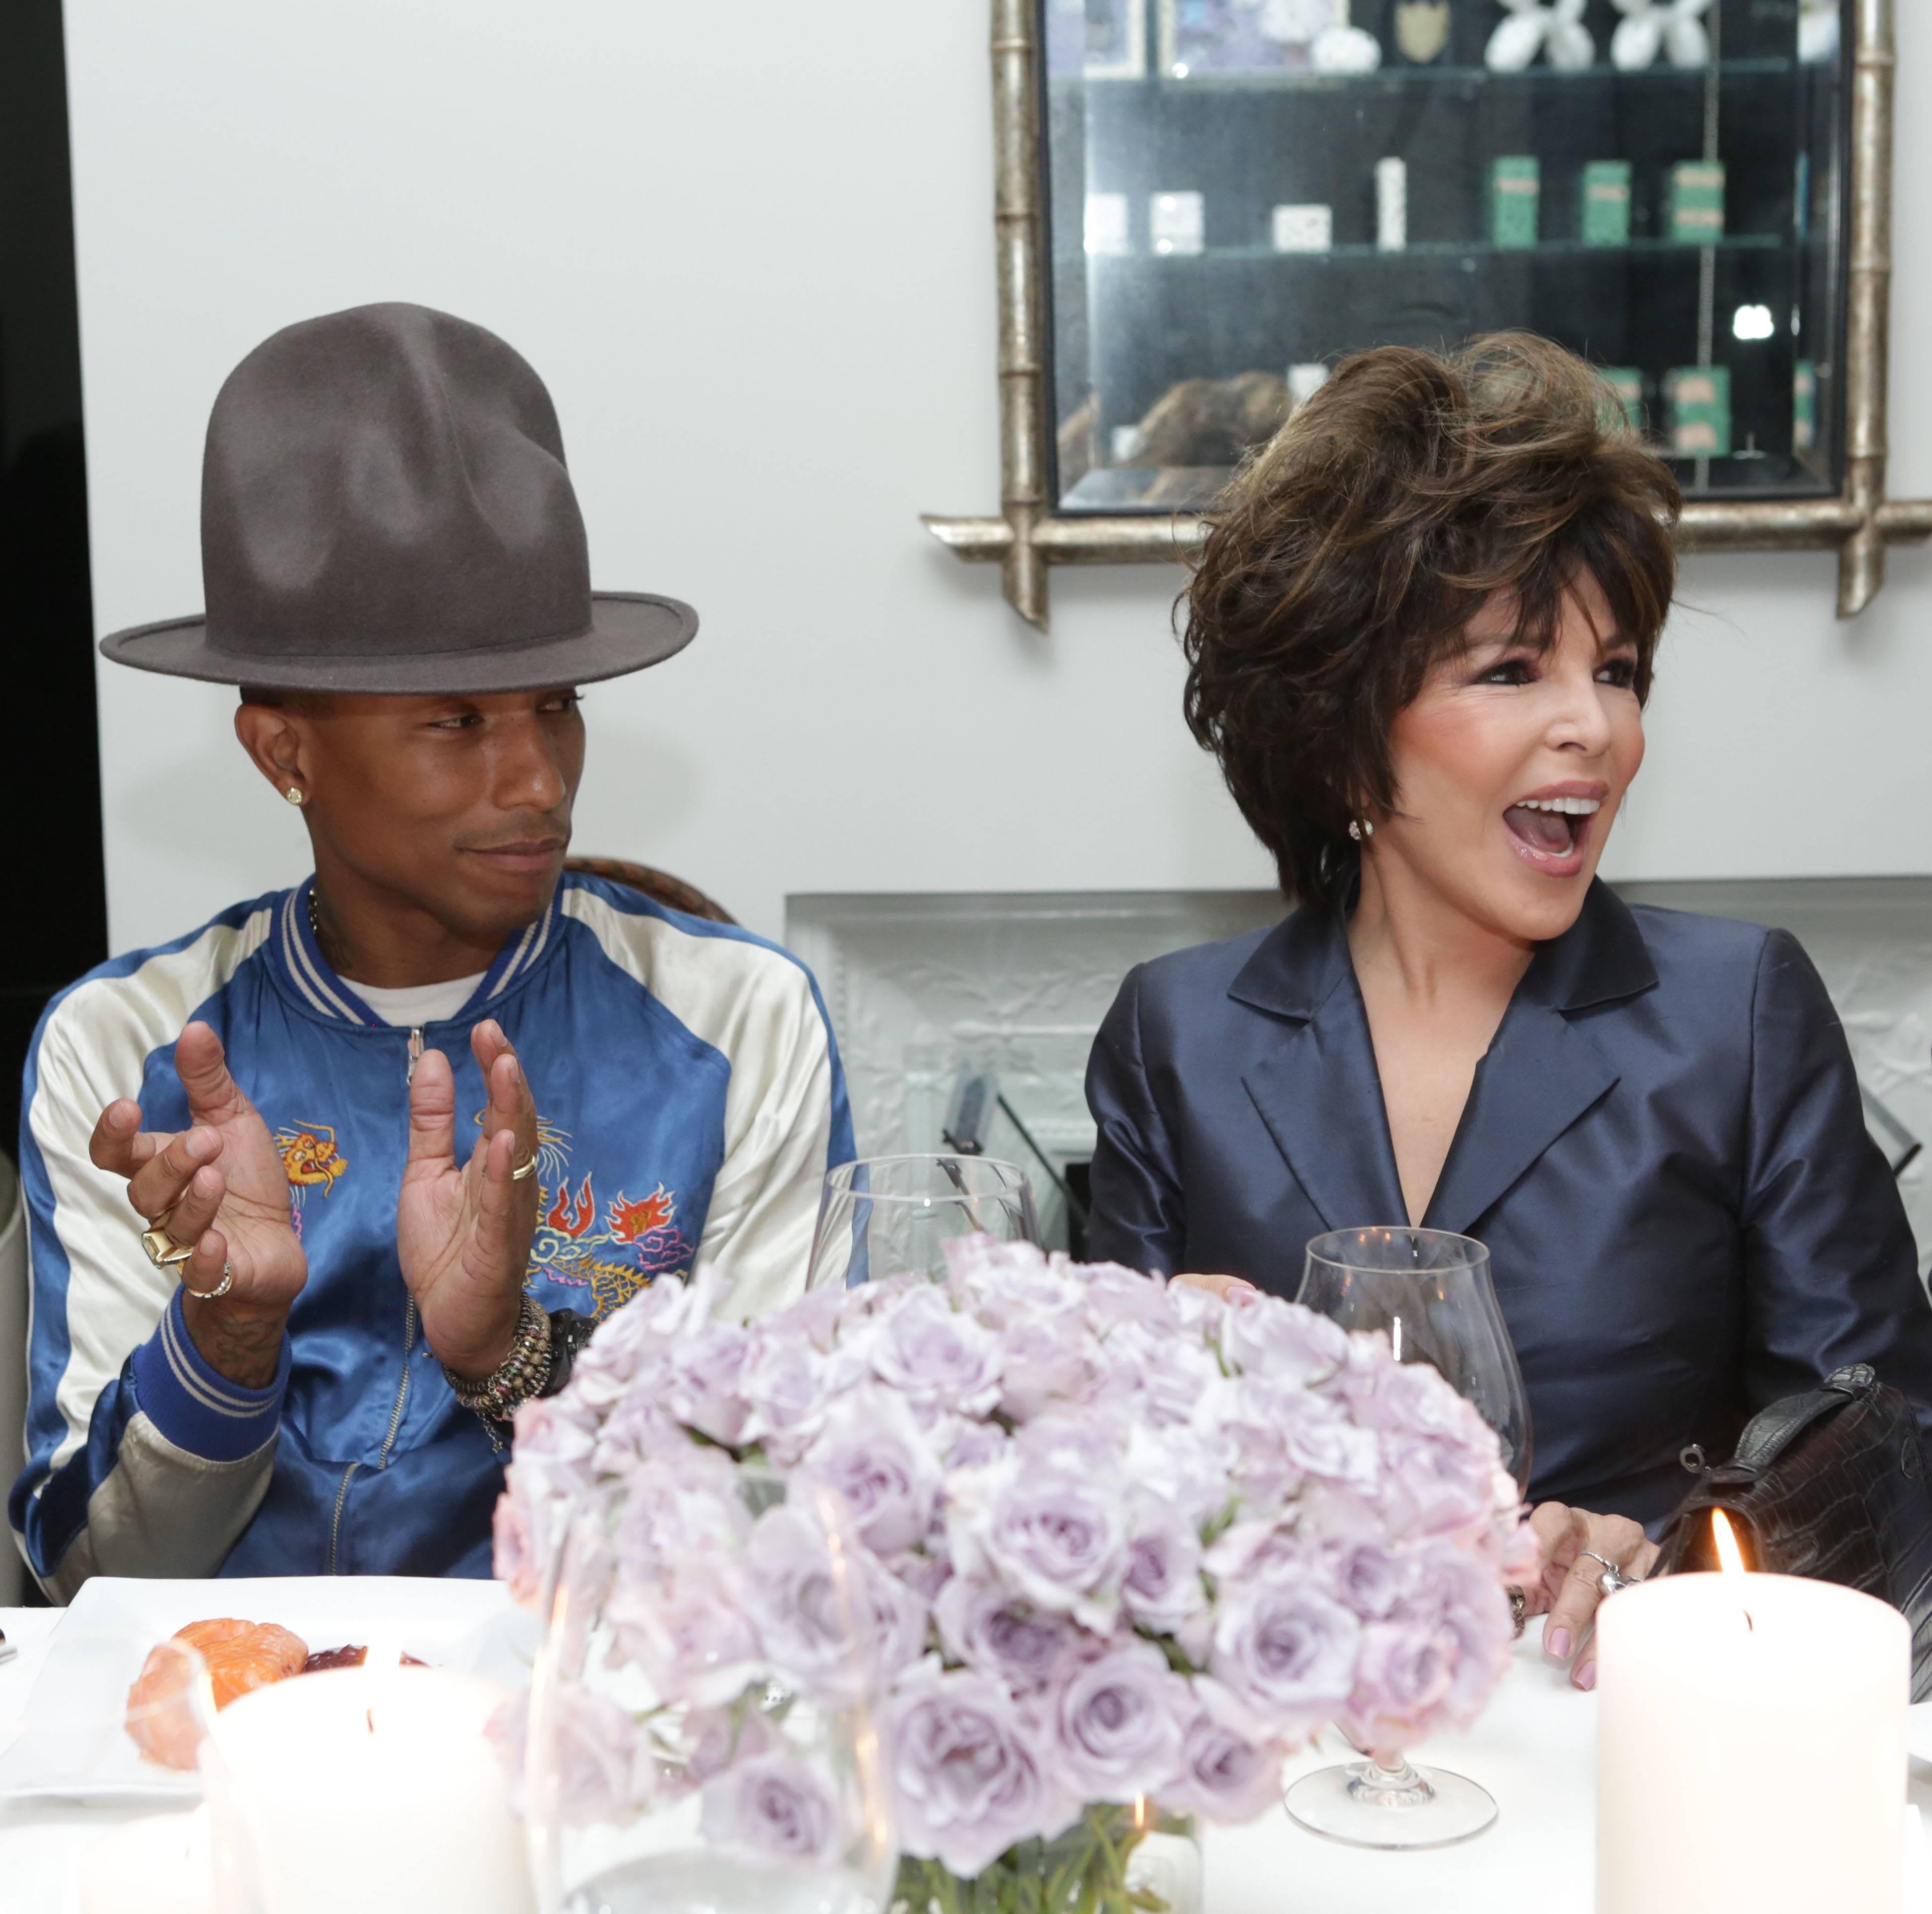 VioletGrey_She's So Violet Salon Dinner_Elizabeth Taylor_Pharrell Williams, Carole Bayer Sager